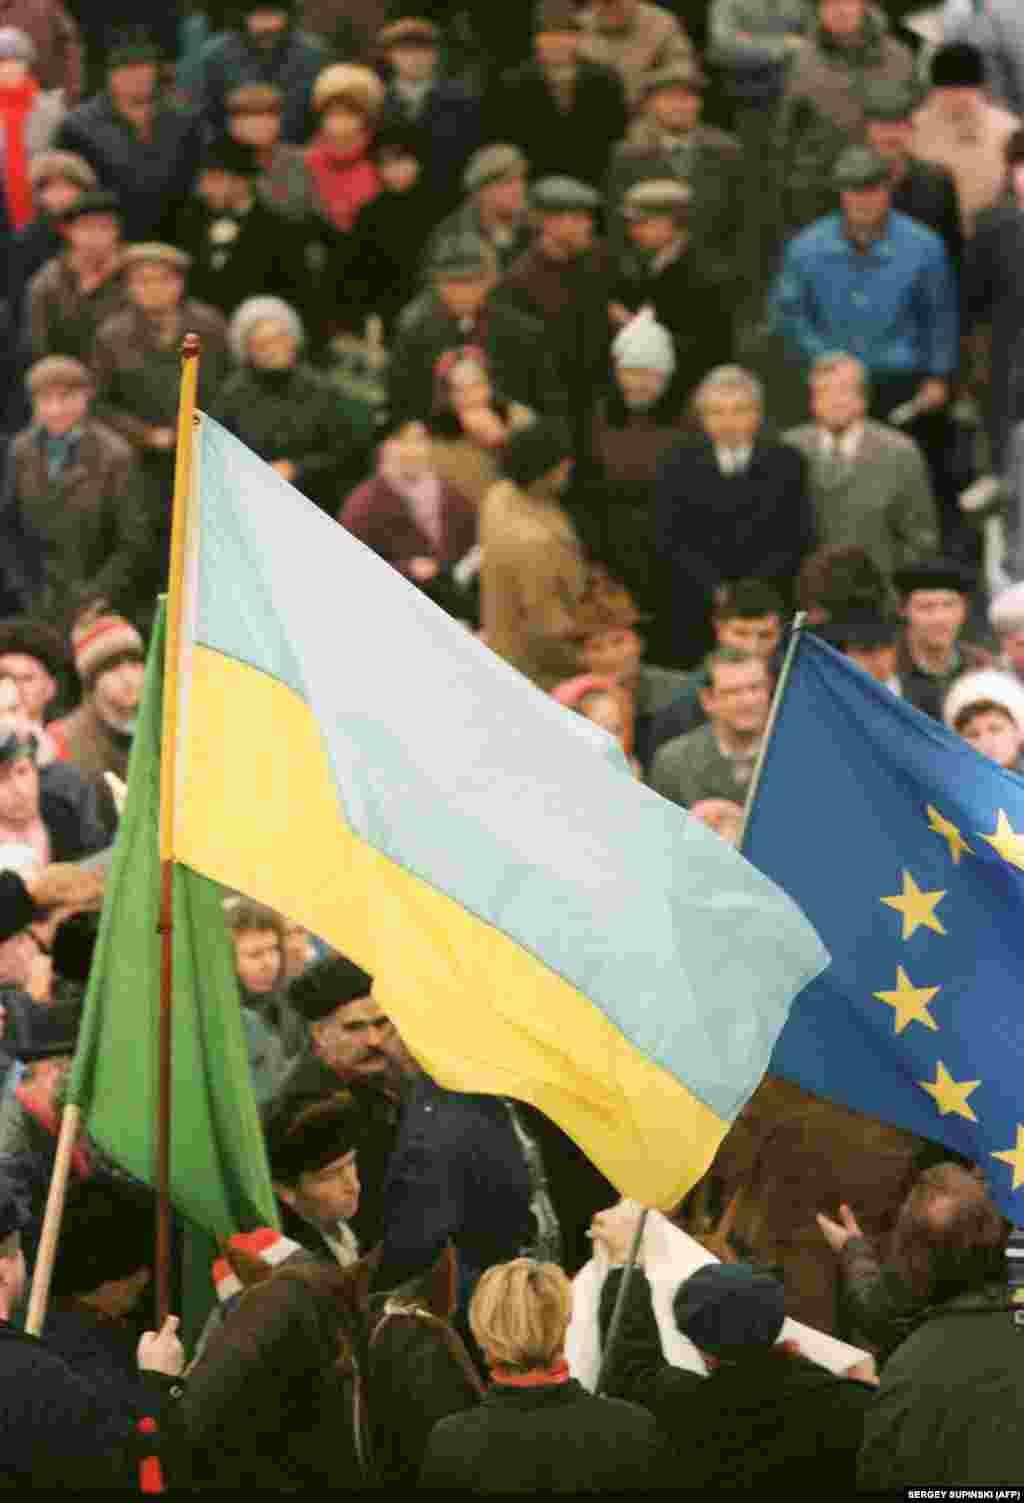 Мітинг у Києві 30 листопада 1991 року – в переддень референдуму за незалежність України. На світлині, зокрема, прапори – України та тодішнього Європейського економічного співтовариства (ЄЕС)